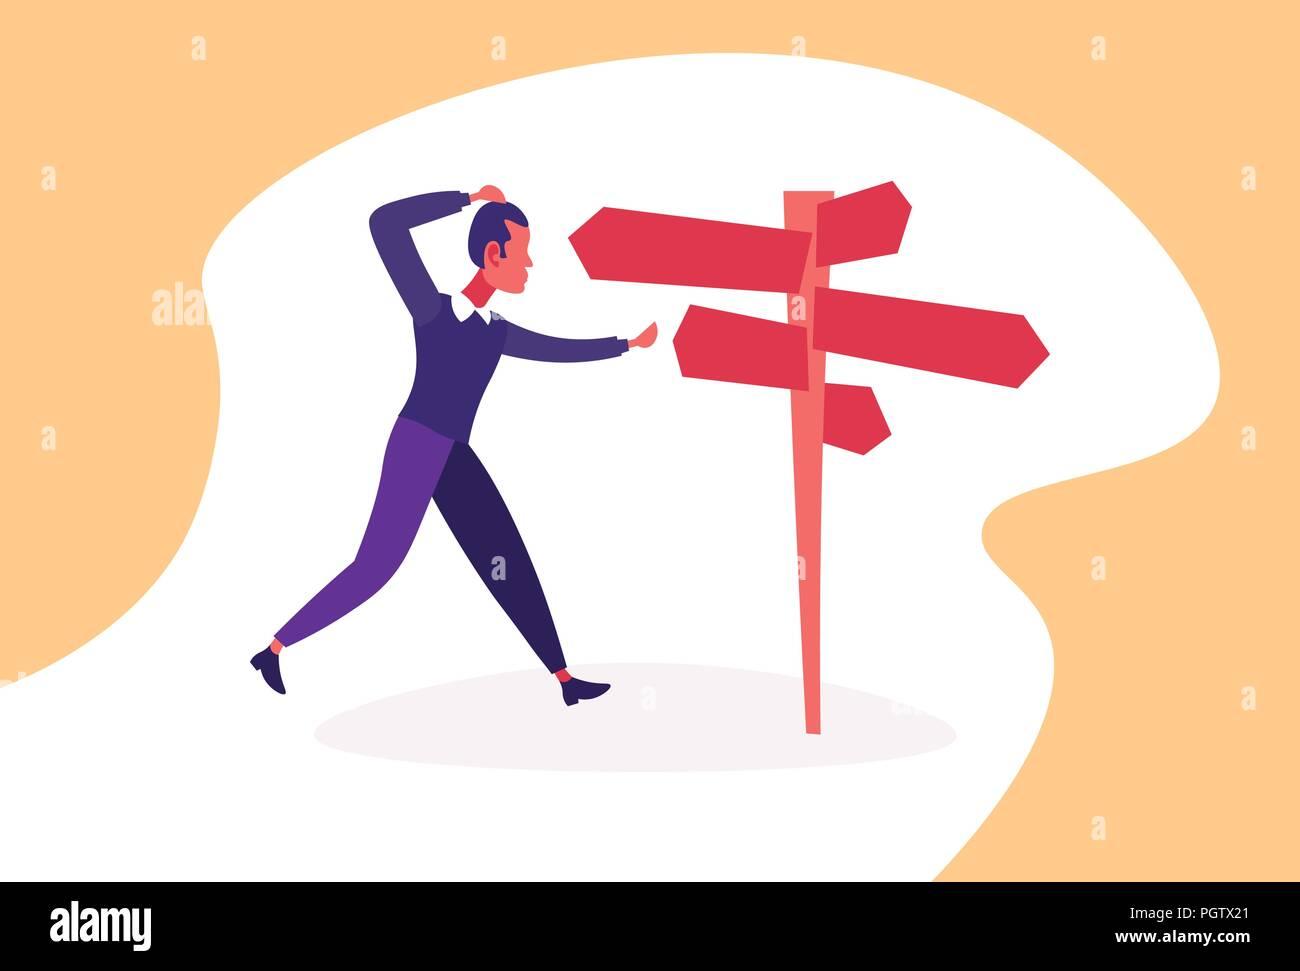 Confus businessman standing road sign choisissez orientation d'affaires façon pancarte horizontale flèche personnage de télévision Photo Stock